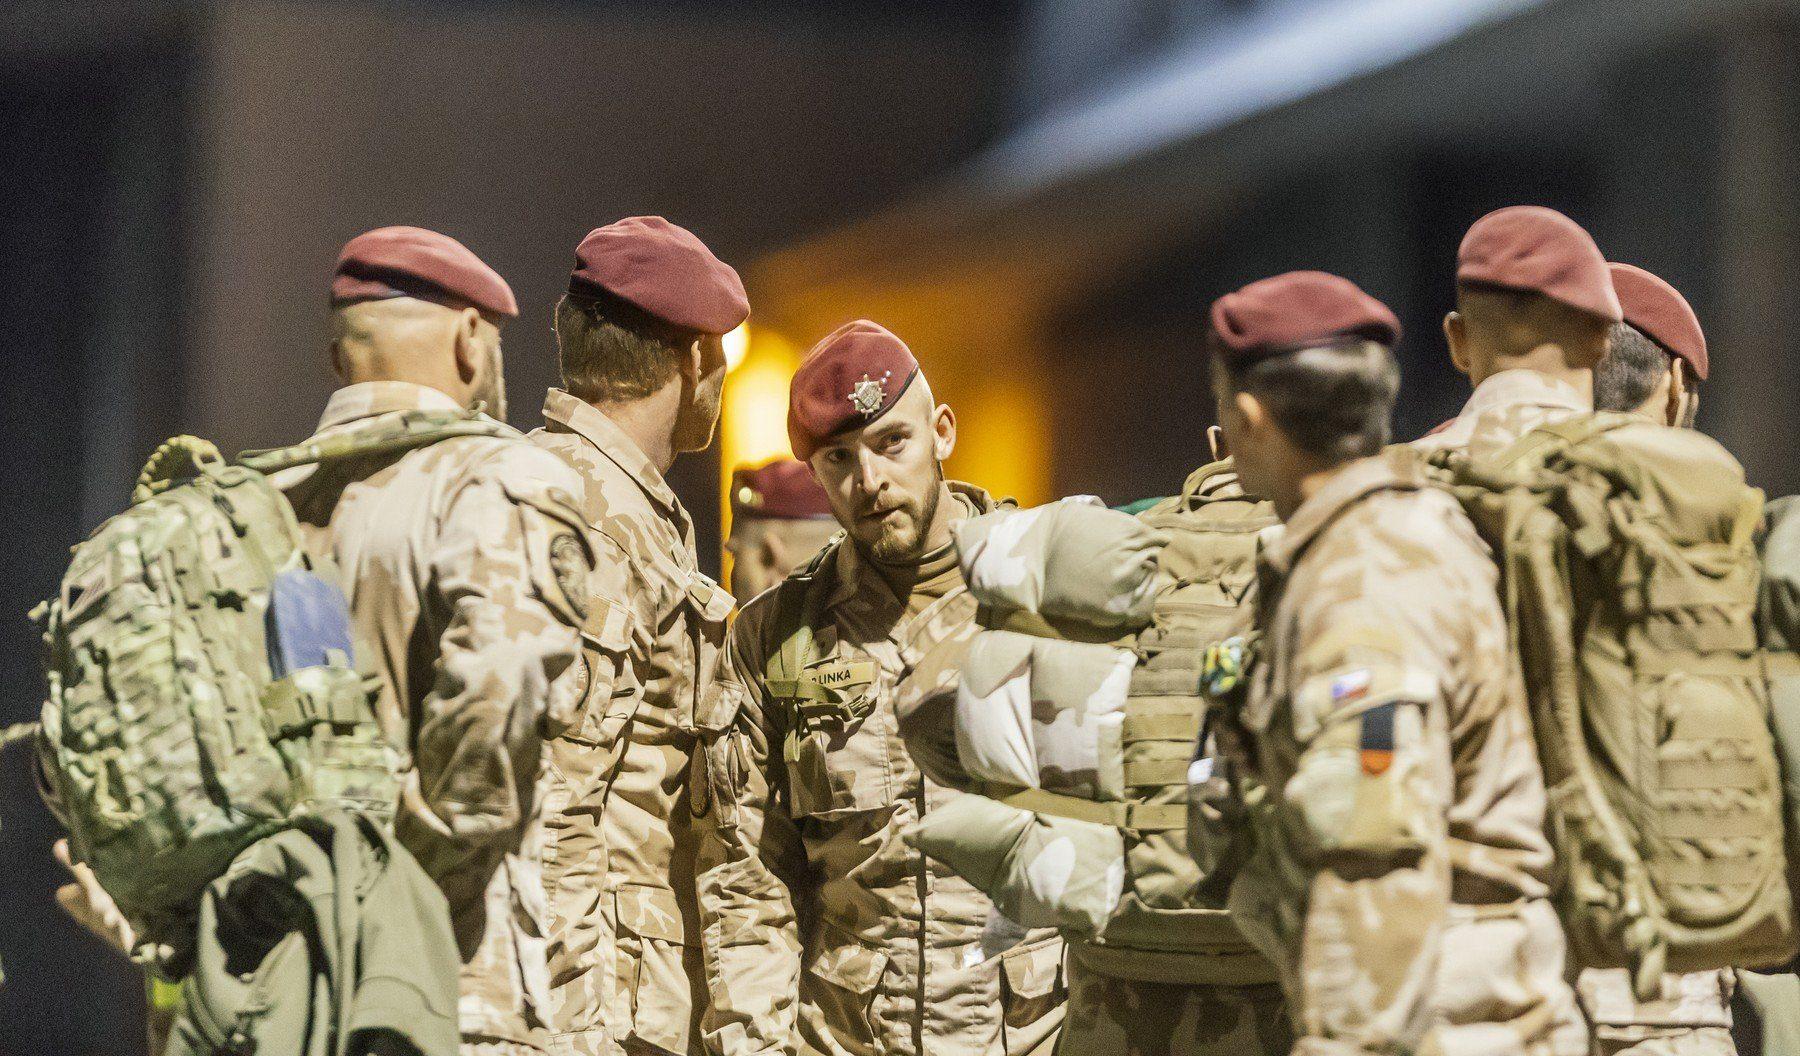 Čeští příslušníci speciálních sil po příletu z Afghánistánu v říjnu 2018